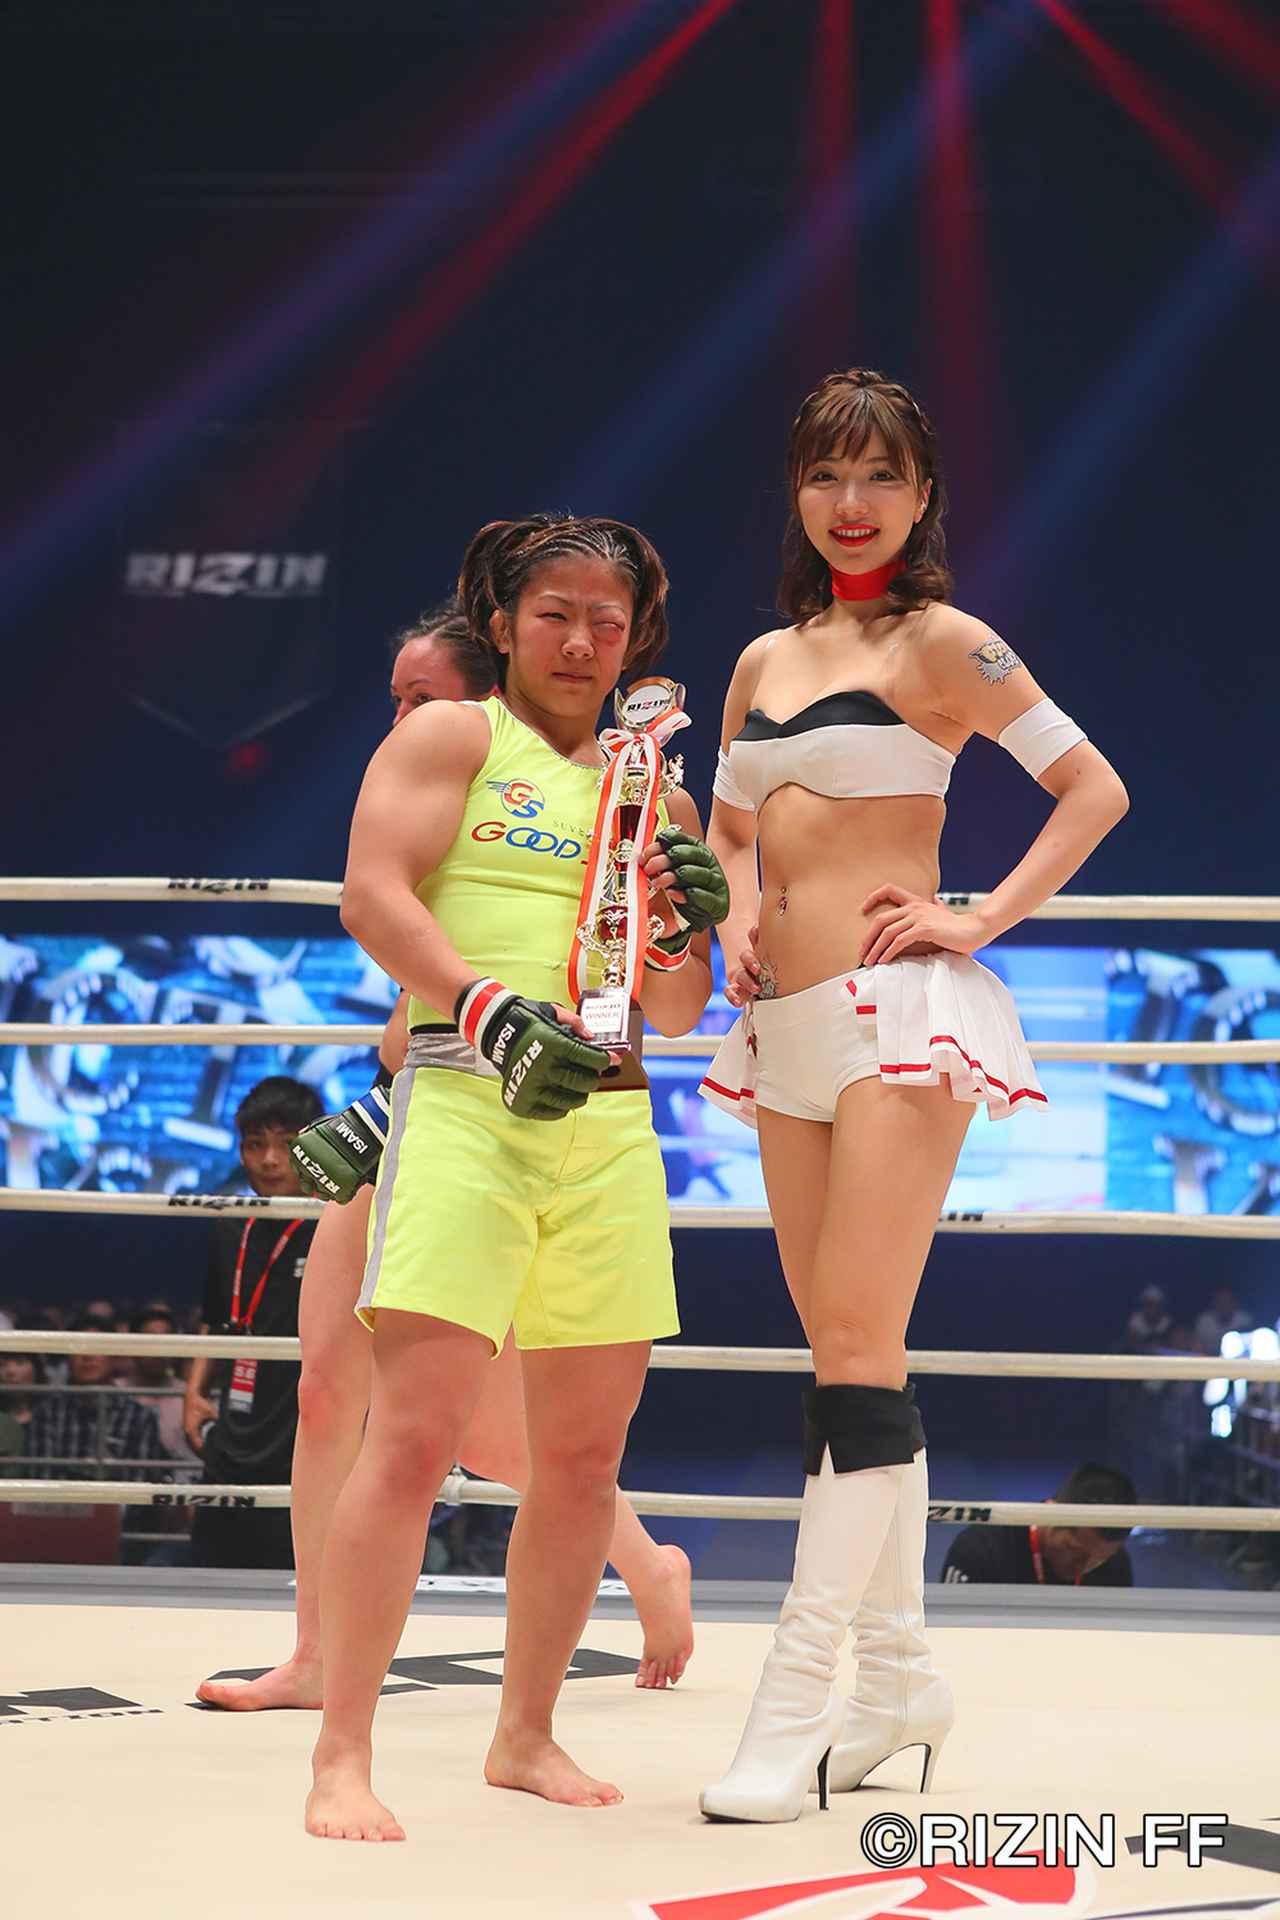 画像7: 村田が見事な一本勝ちで復帰戦勝利! 「もっともっと強くなって戻って来る」